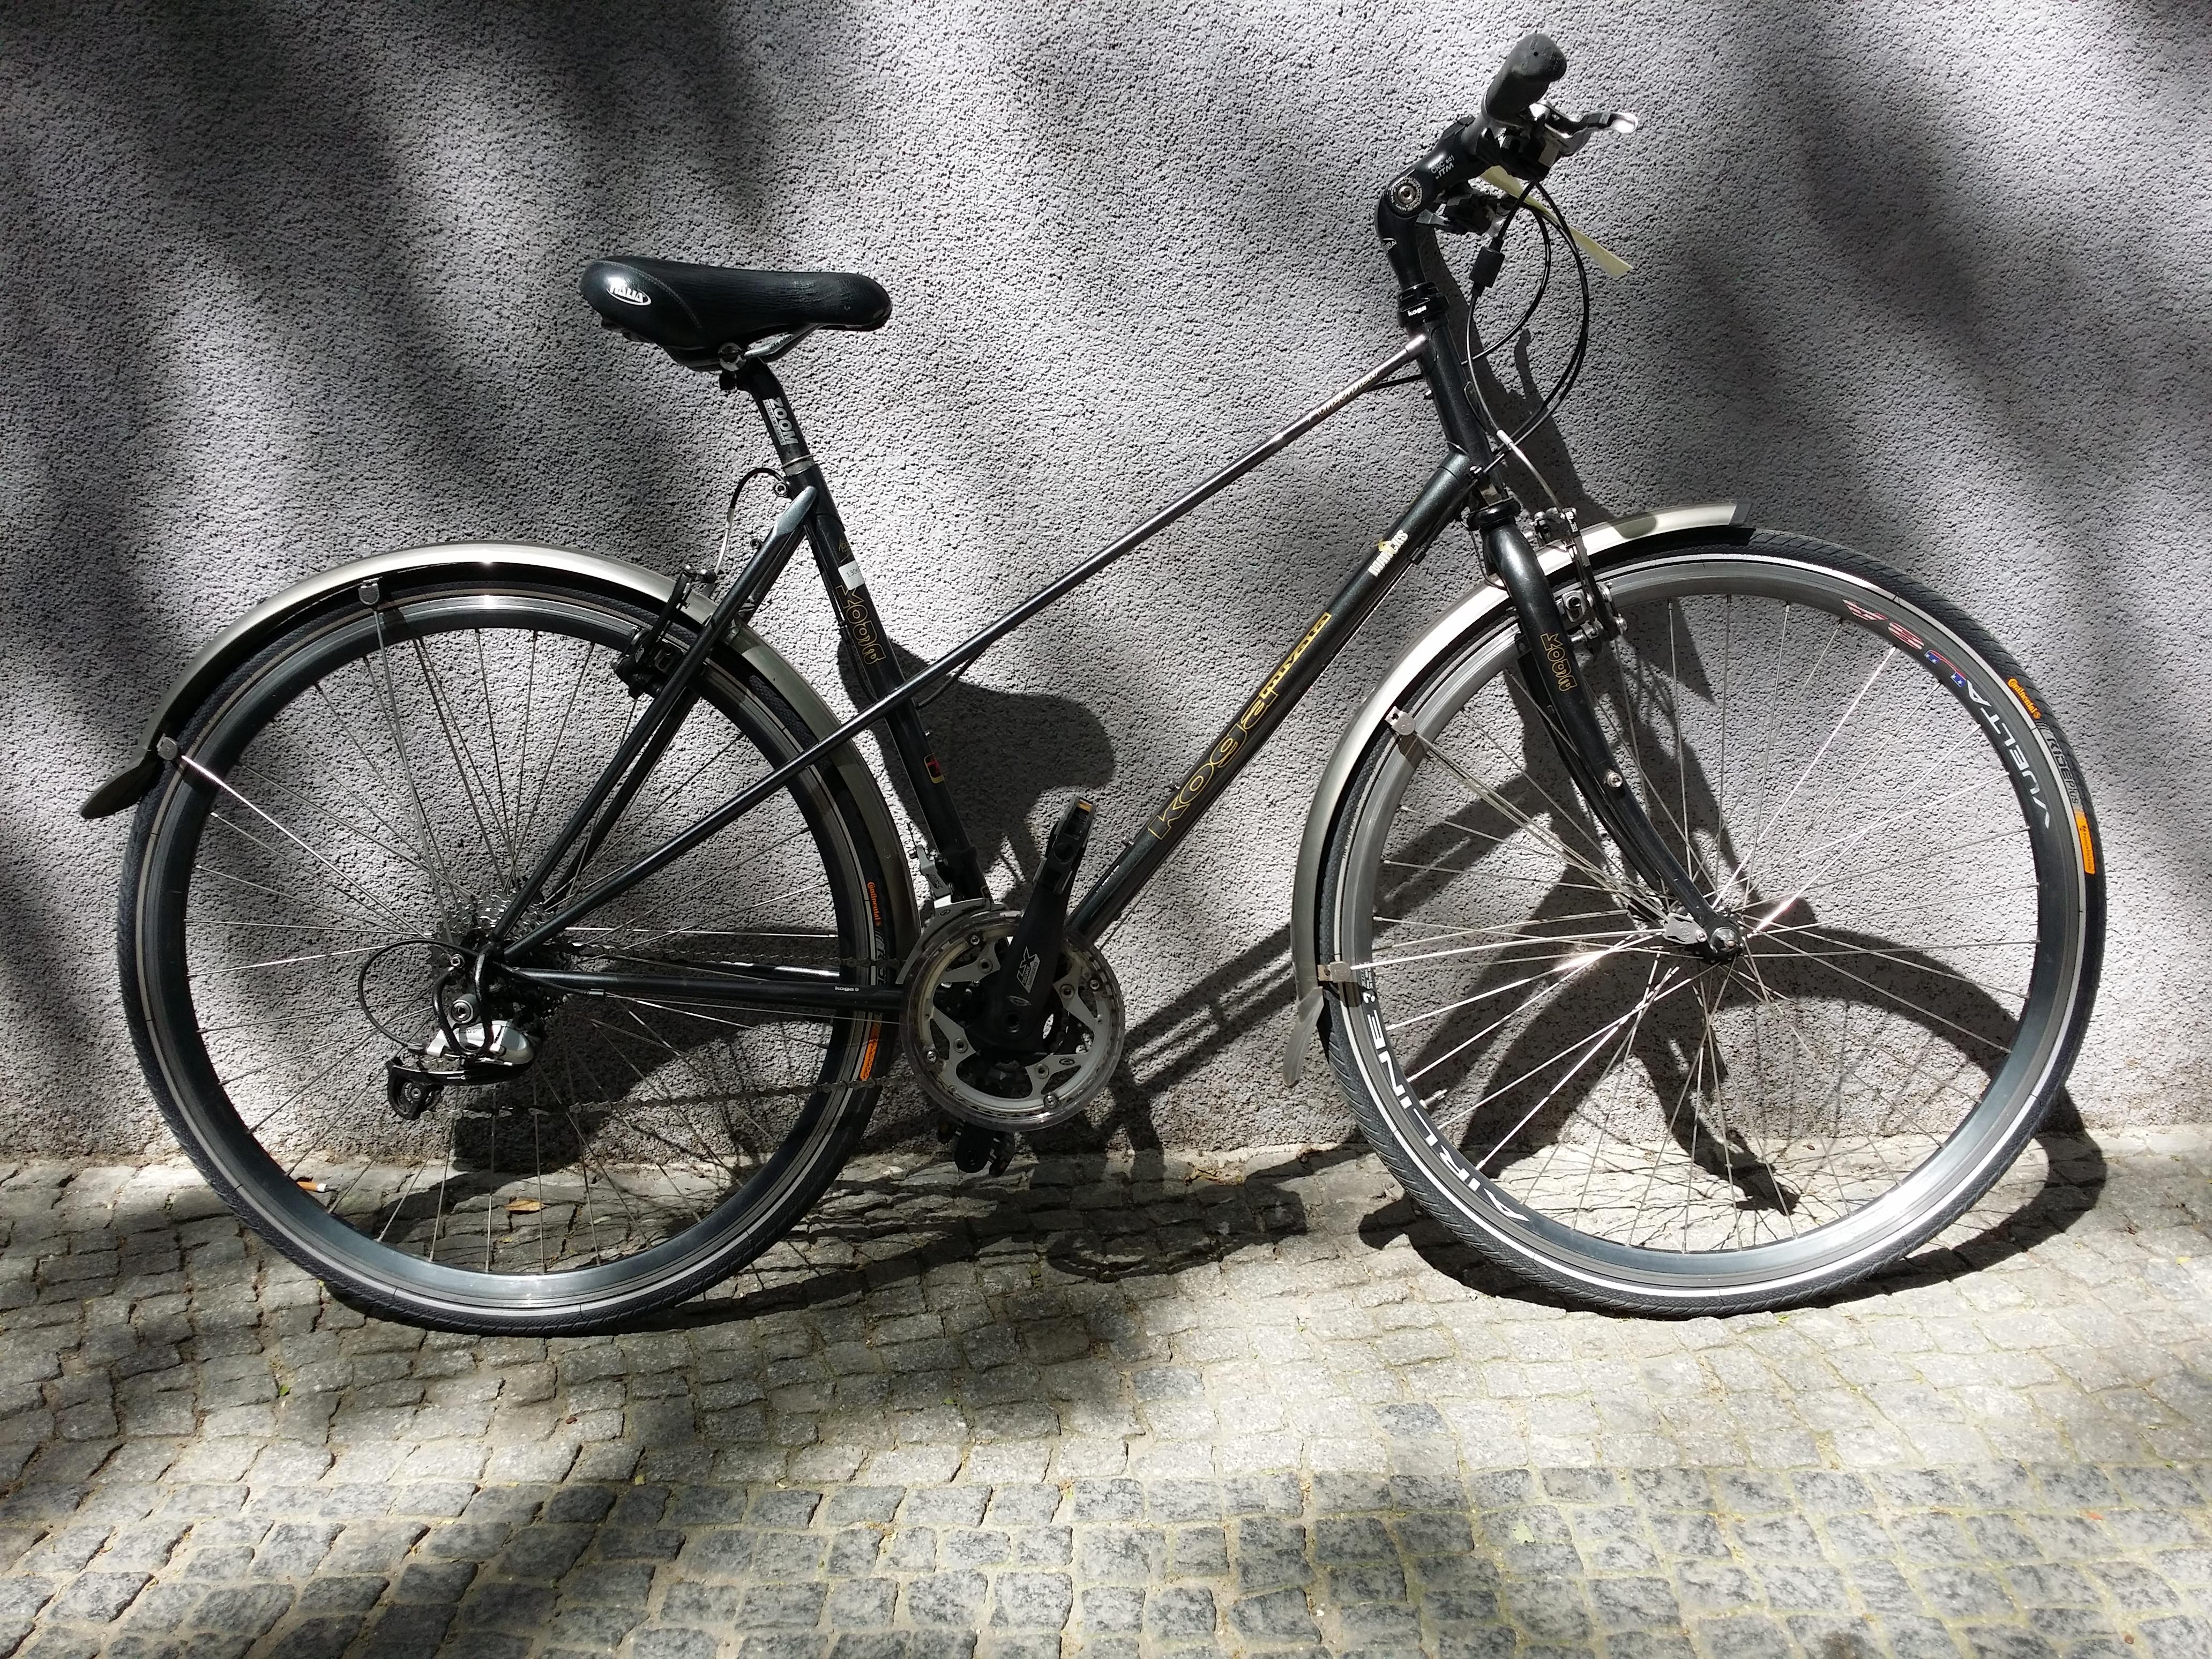 hochwertiges gebrauchtes Treckingrad von Koga Myata